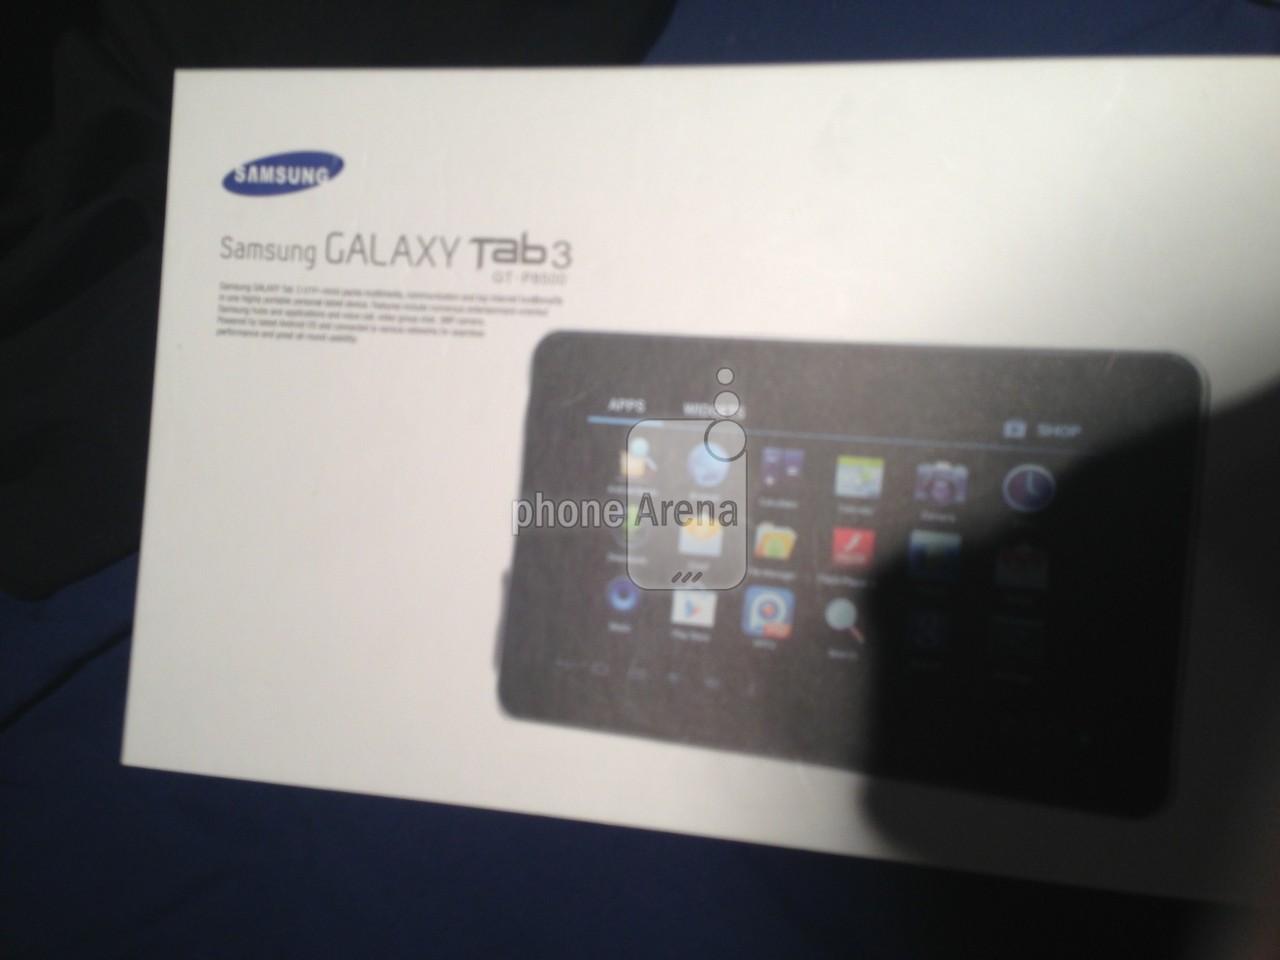 Samsung-Galaxy-Tab-3-tablet.jpg